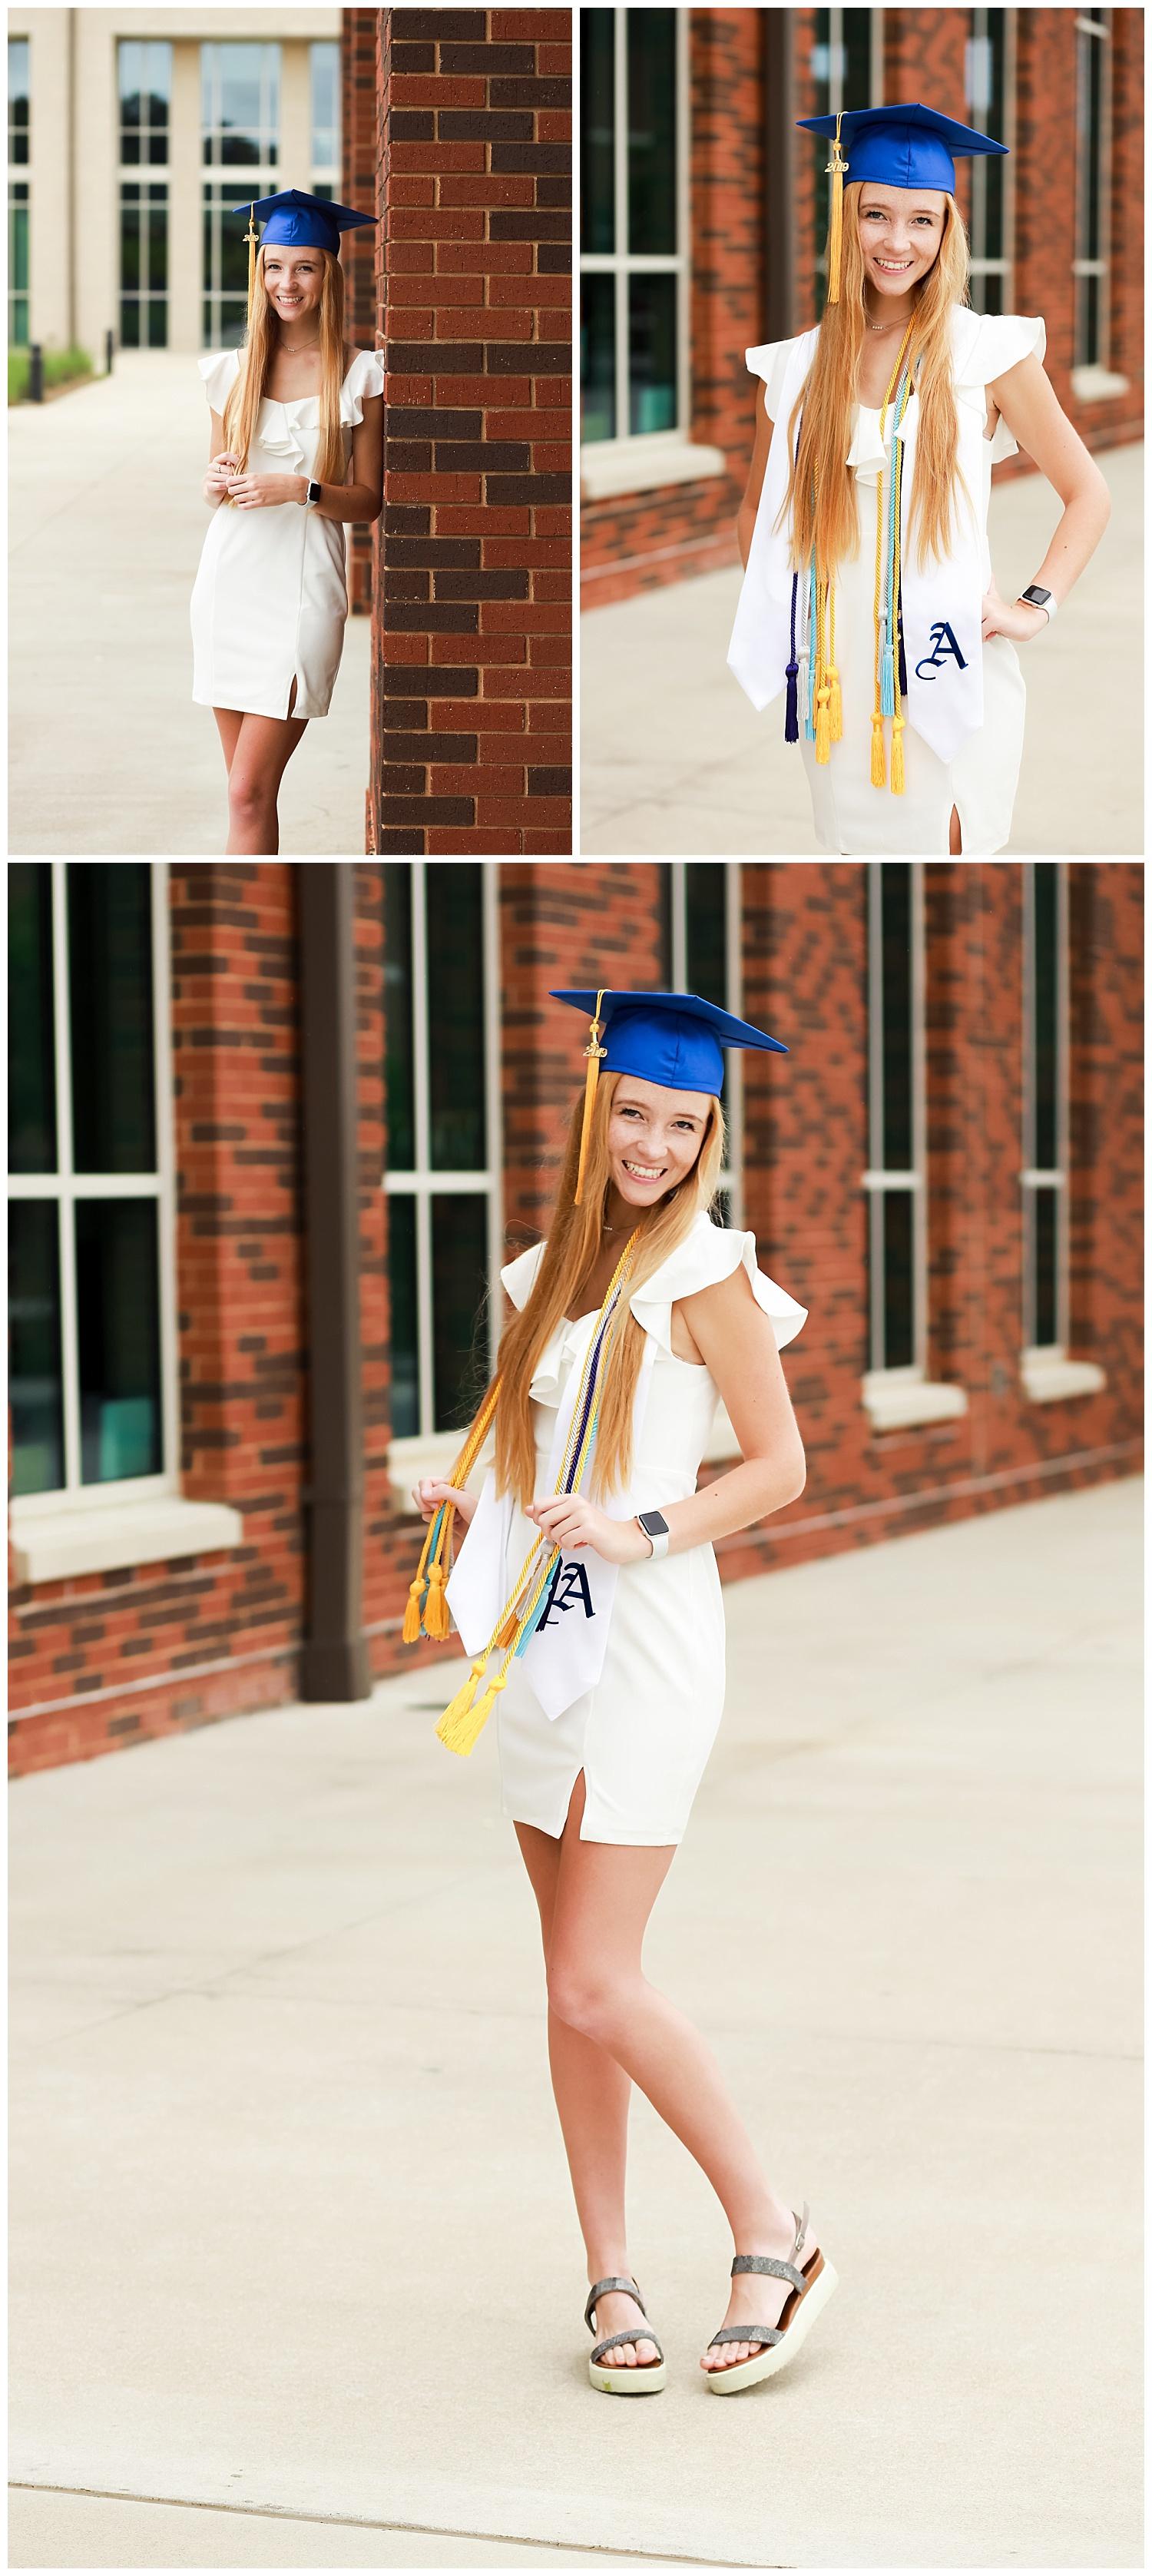 senior photos auburn high school cap and gown graduation